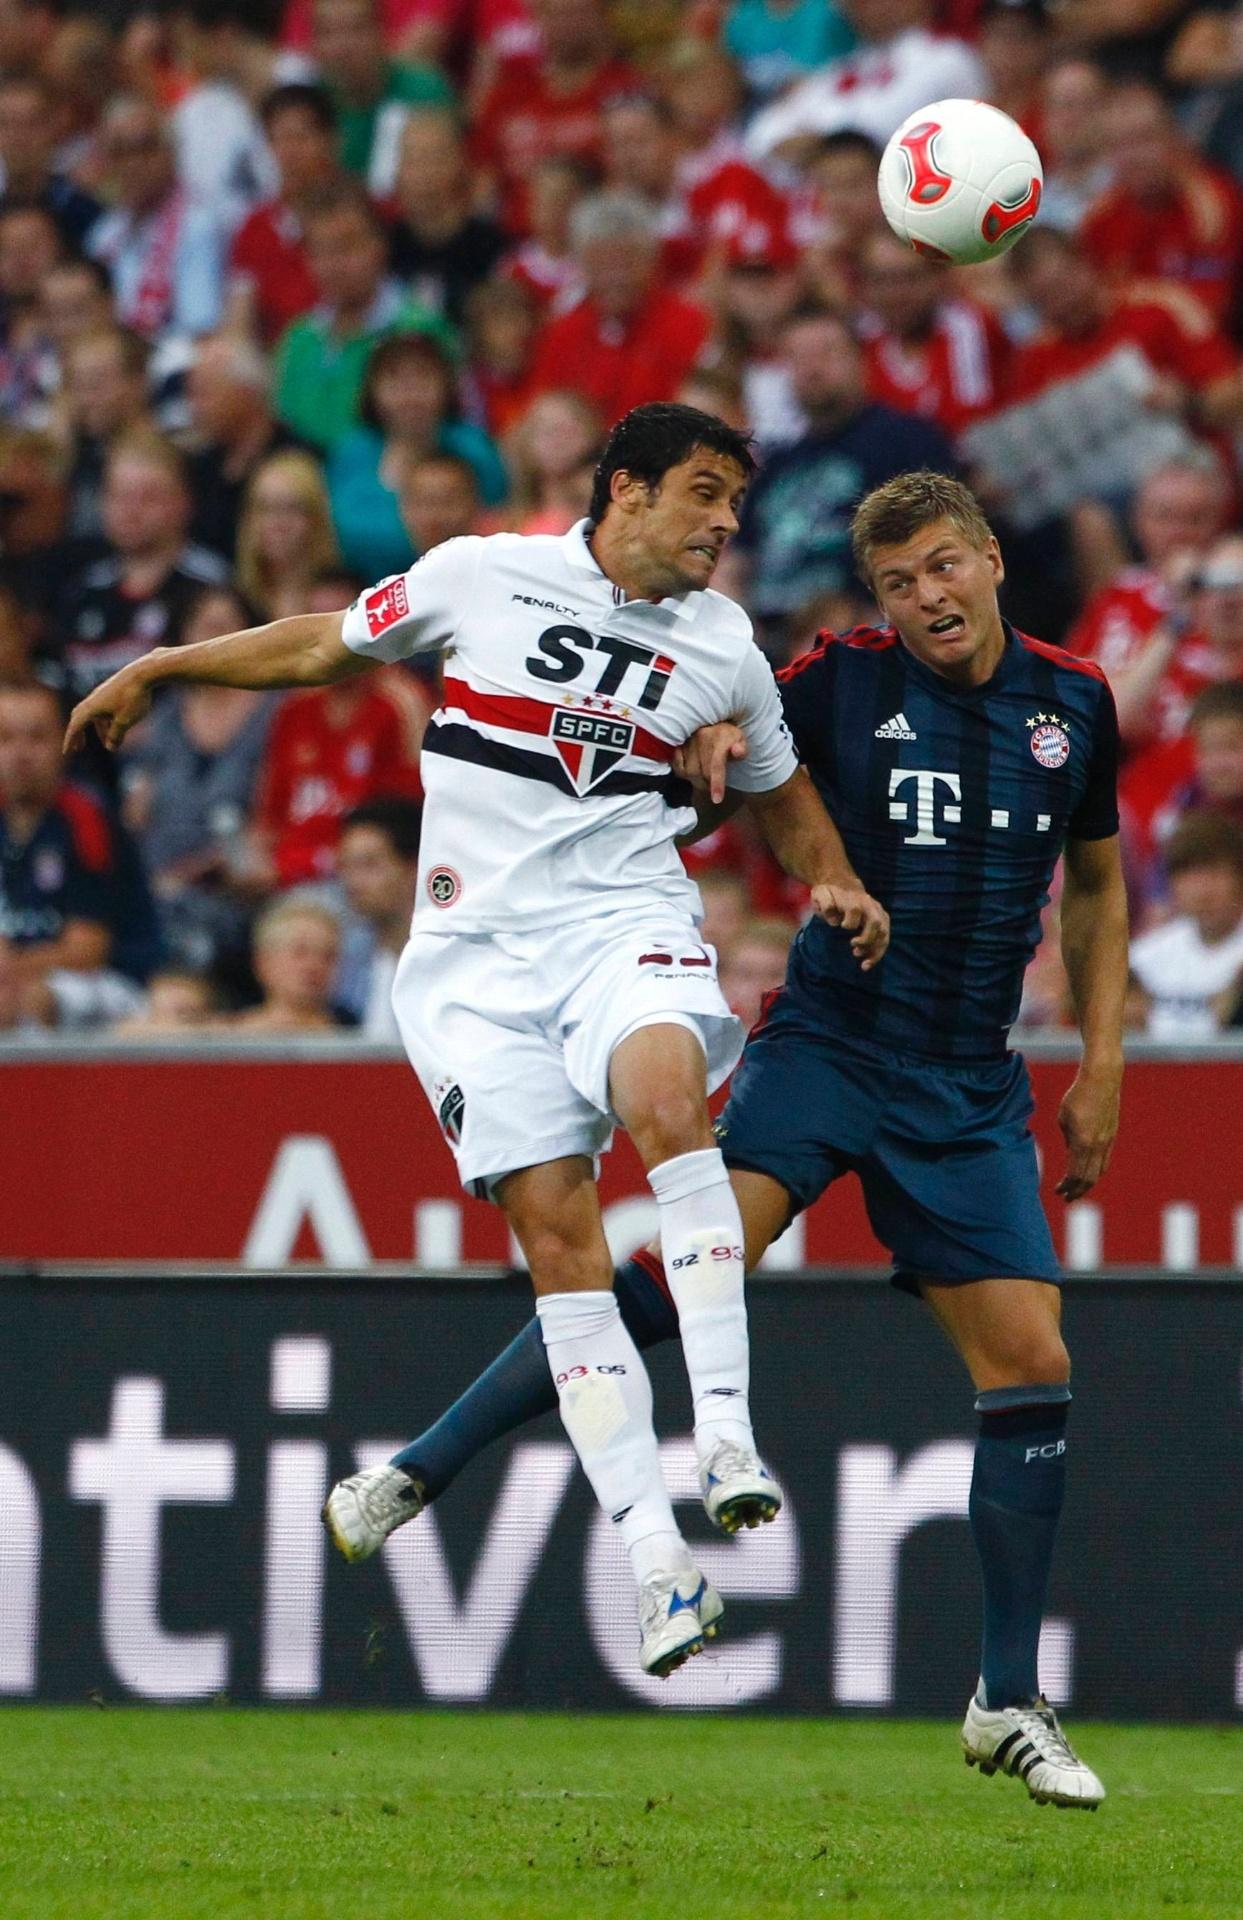 31.jul.2013 - Fabrício e Toni Kroos sobem para disputar a bola pelo alto durante a partida entre Bayern e São Paulo